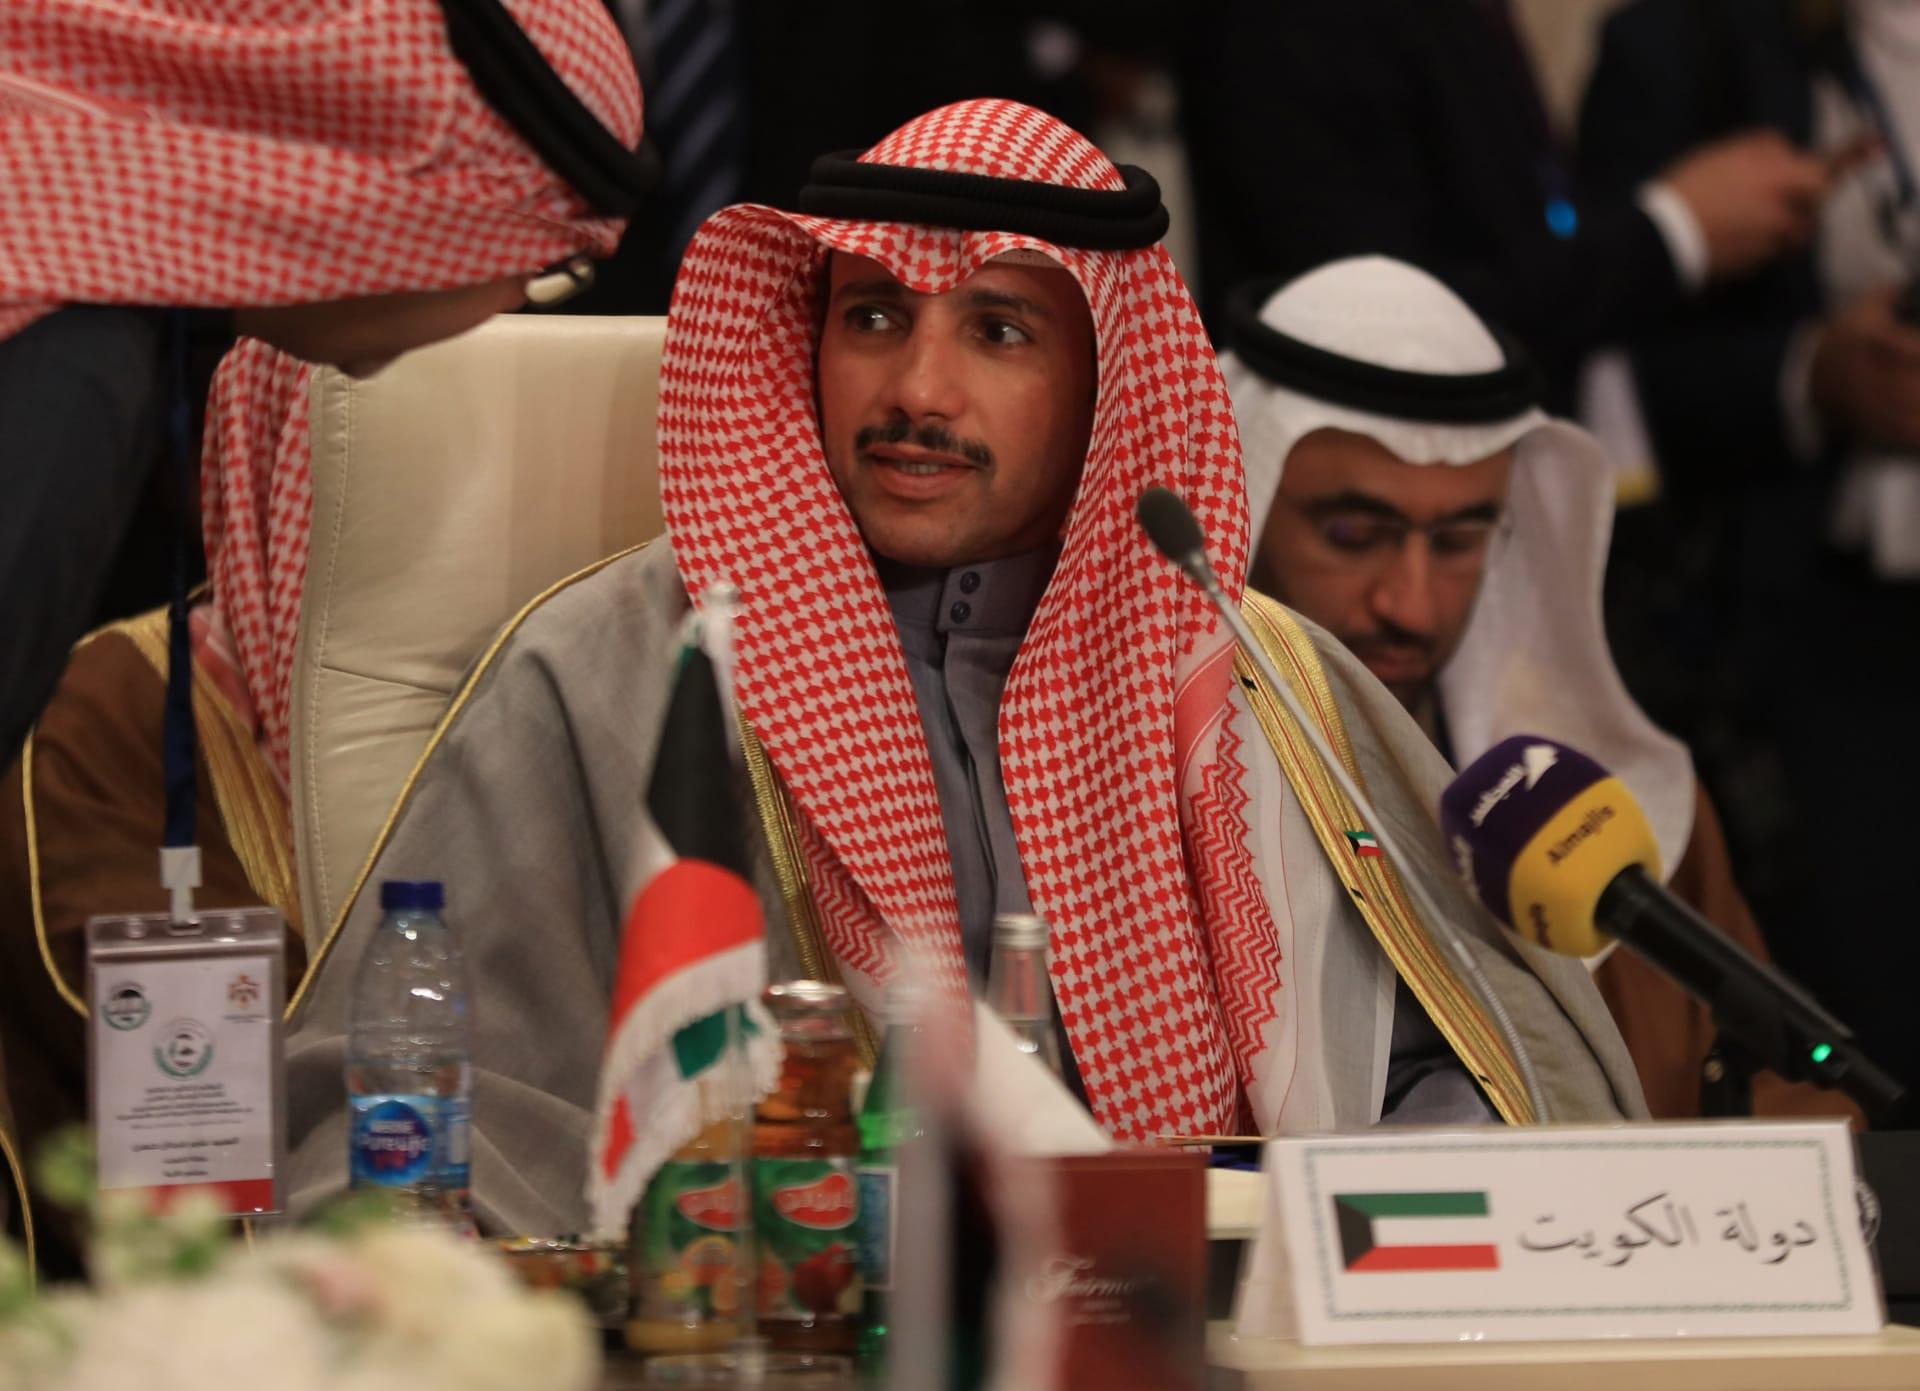 الكويت.. رئيس مجلس الأمة يعلق على دعوة الغنوشي لزيارة بلاده